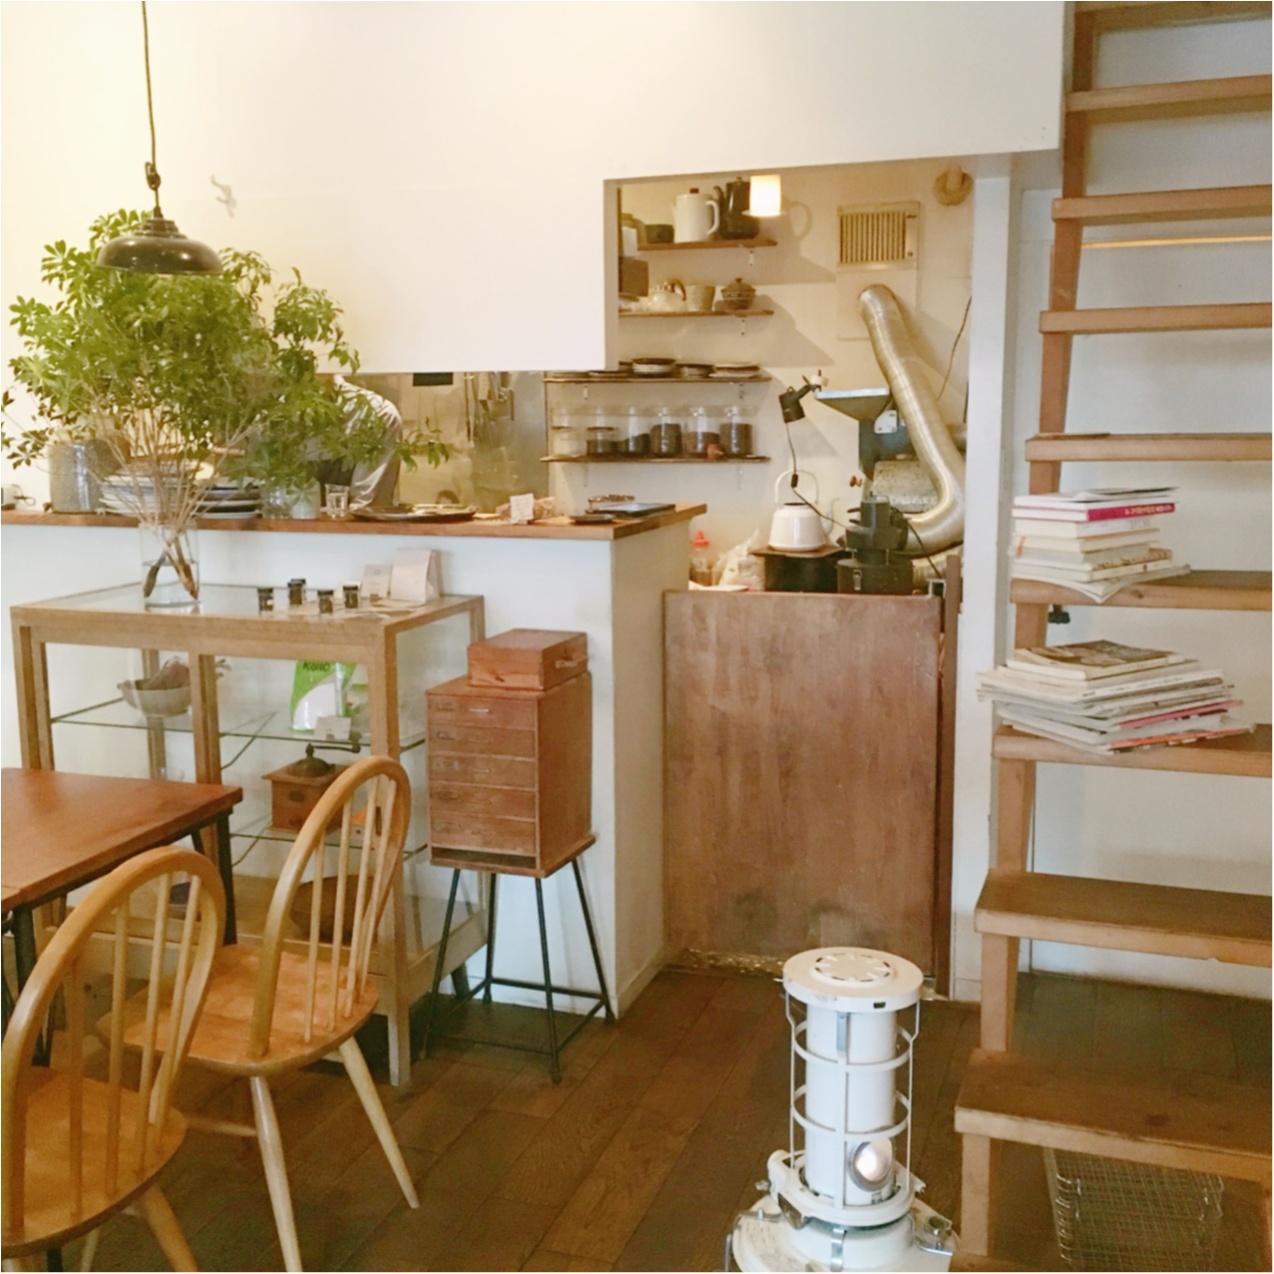 《 私のカフェめぐり♪ 》自家焙煎のコーヒーと手作りのスイーツのお店 【 coffee HUT(コーヒーハット)】でおやつタイム♡_2